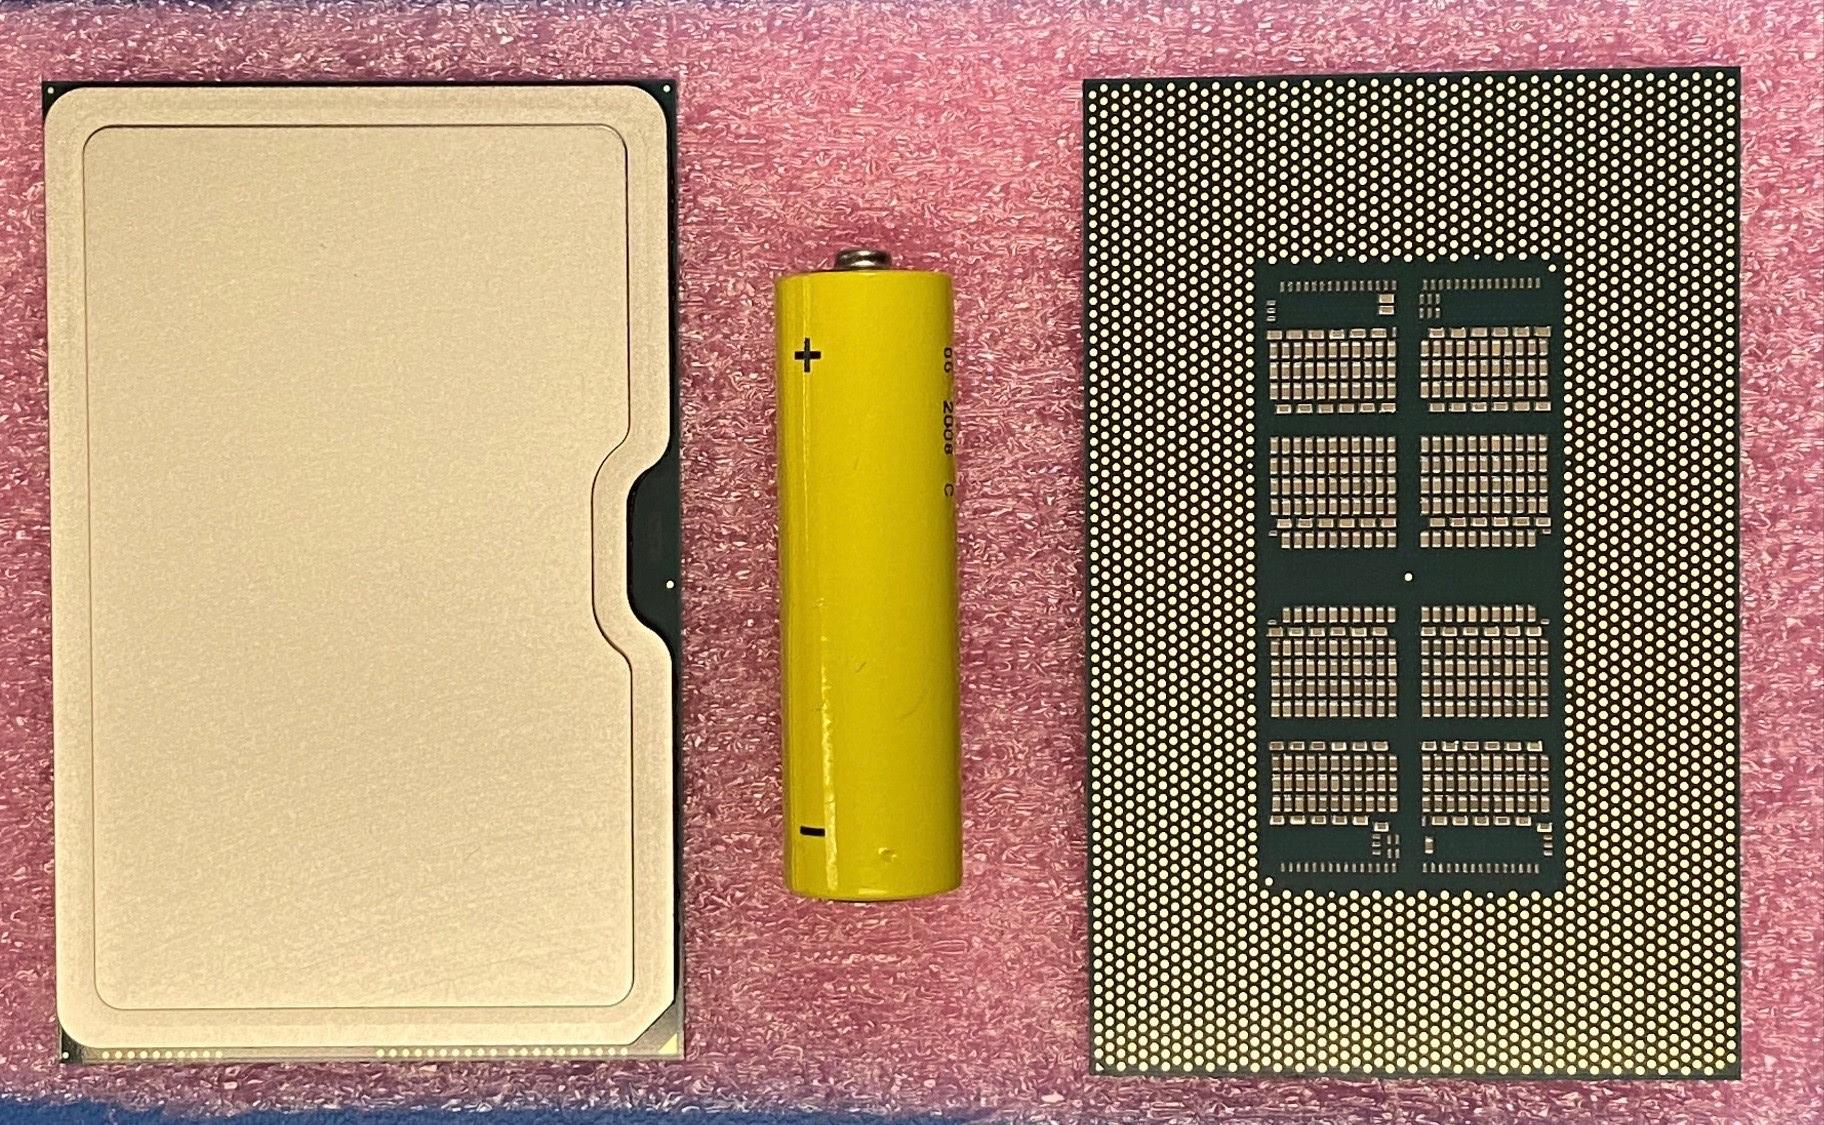 «Отец всех чипов». Стало понятно, что представляет из себя гигантский процессор Intel